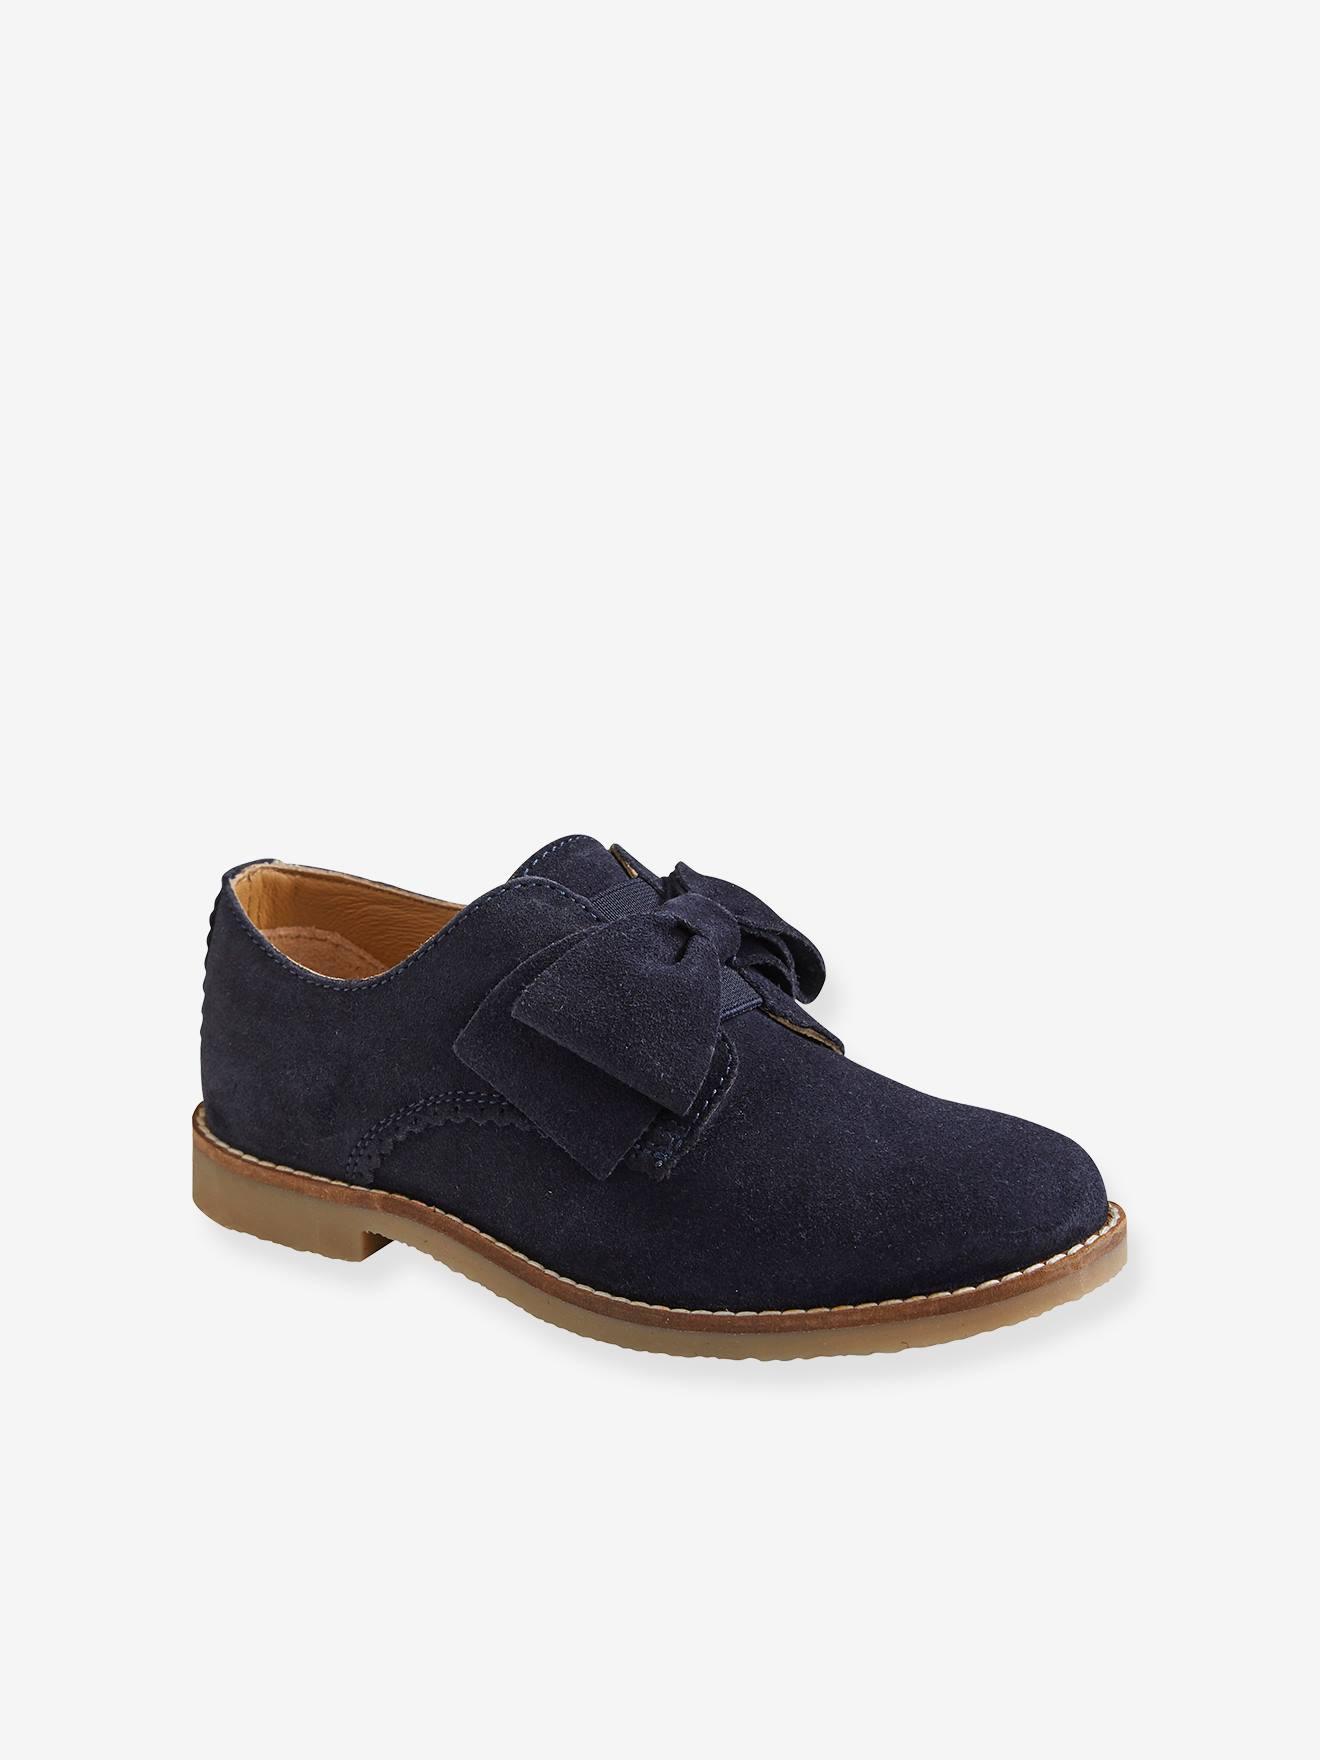 Bottines derby fille en cuir marine, Chaussures